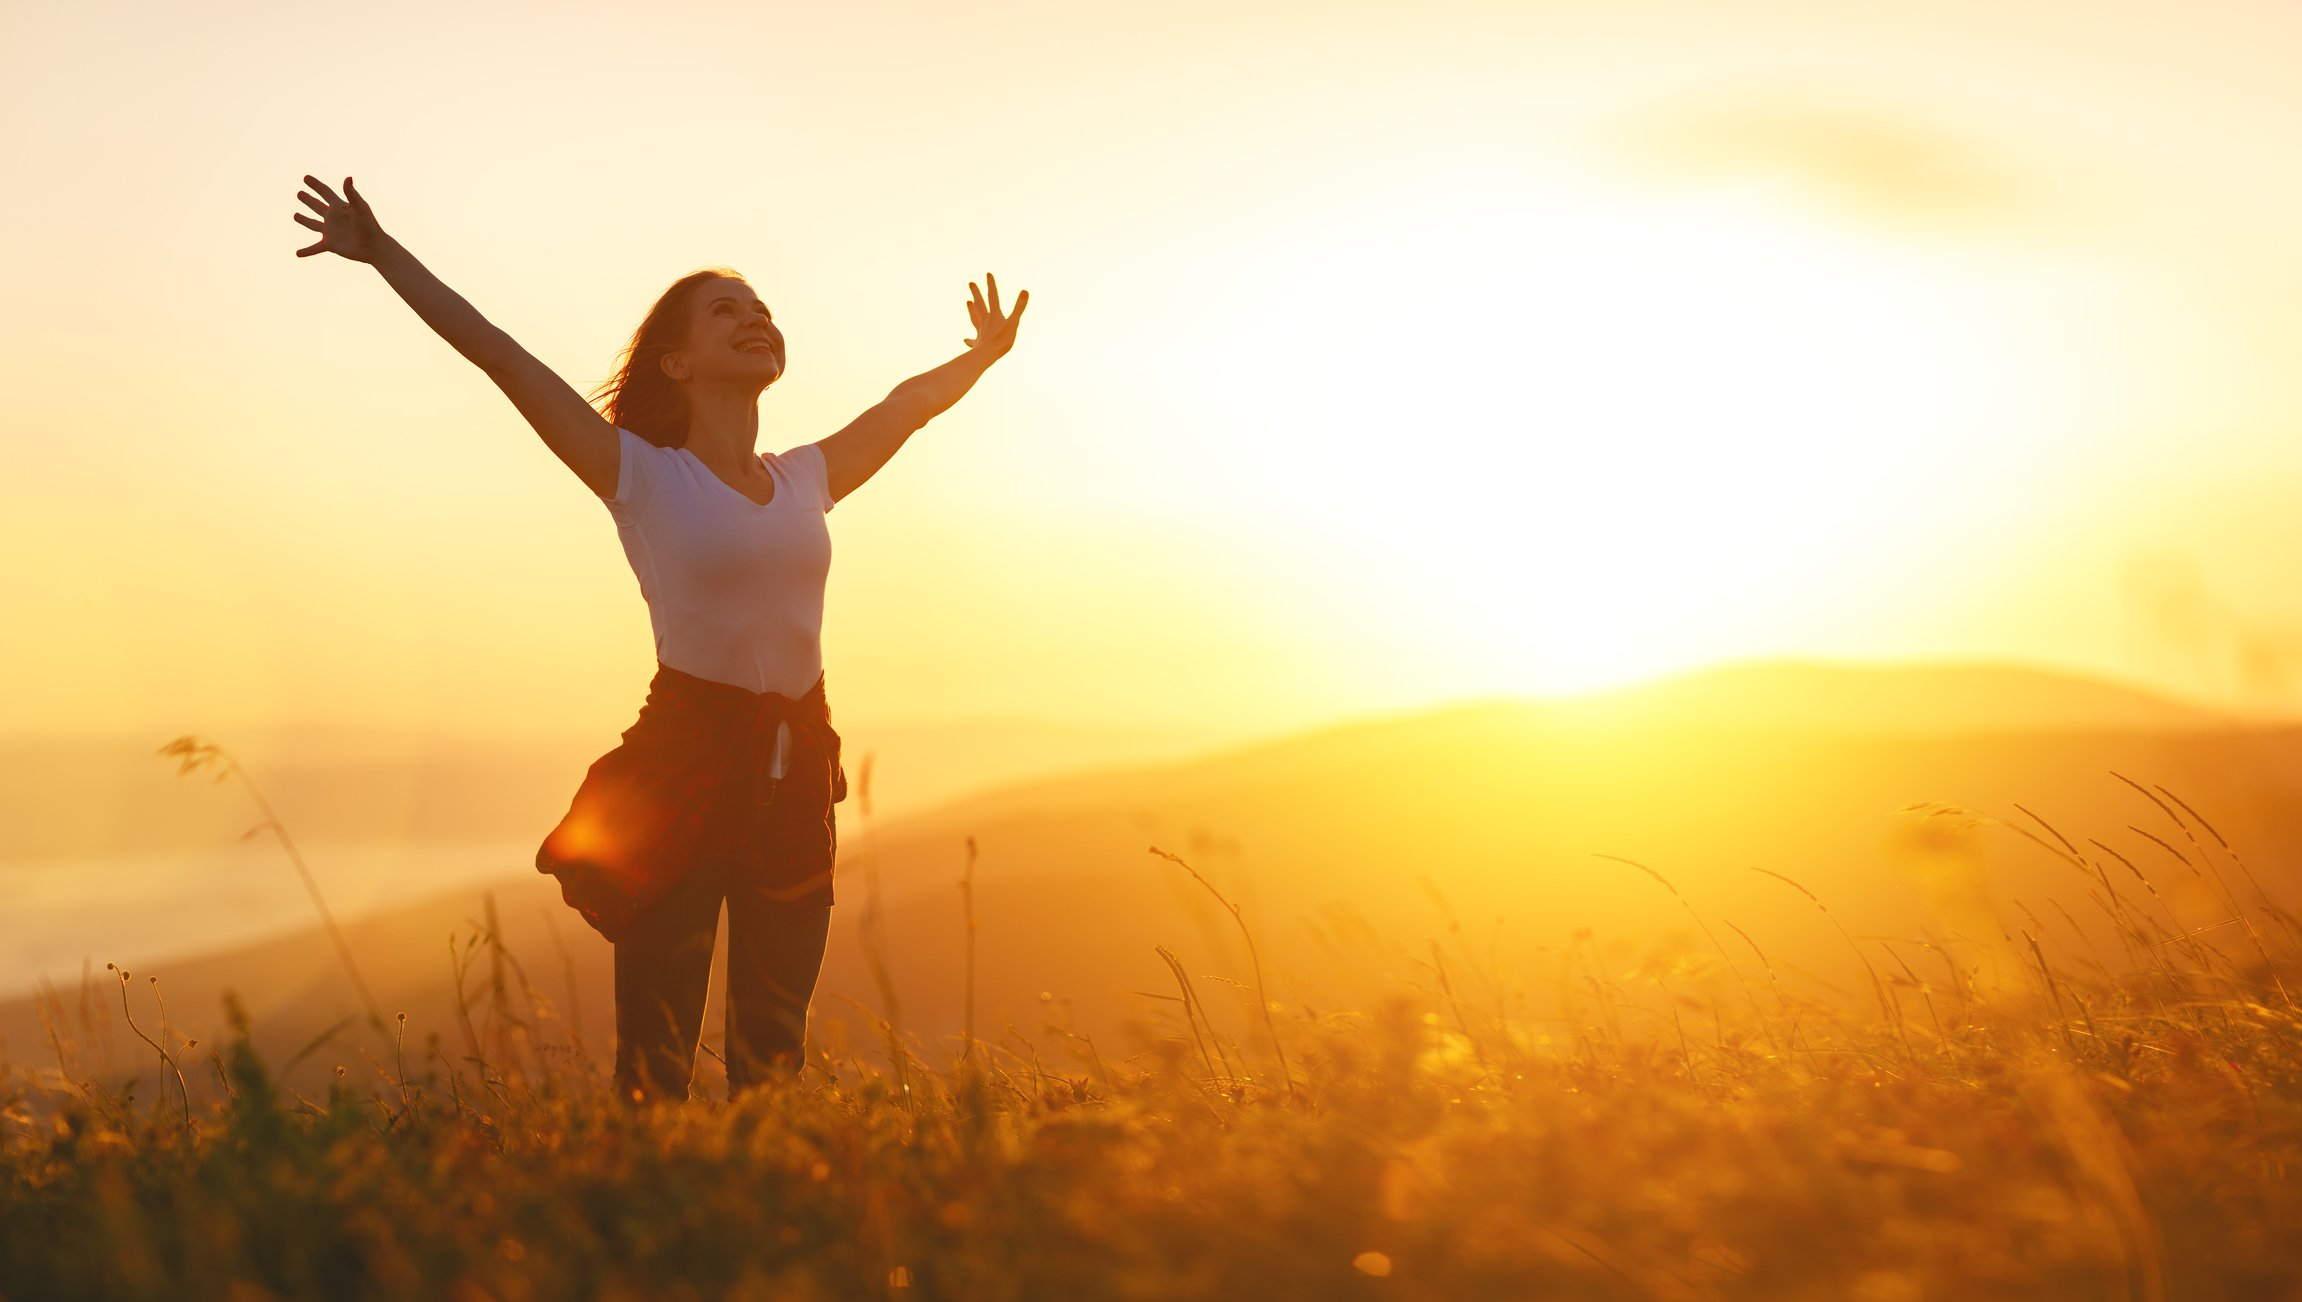 سبک زندگی سالم با شادتر زندگی کردن